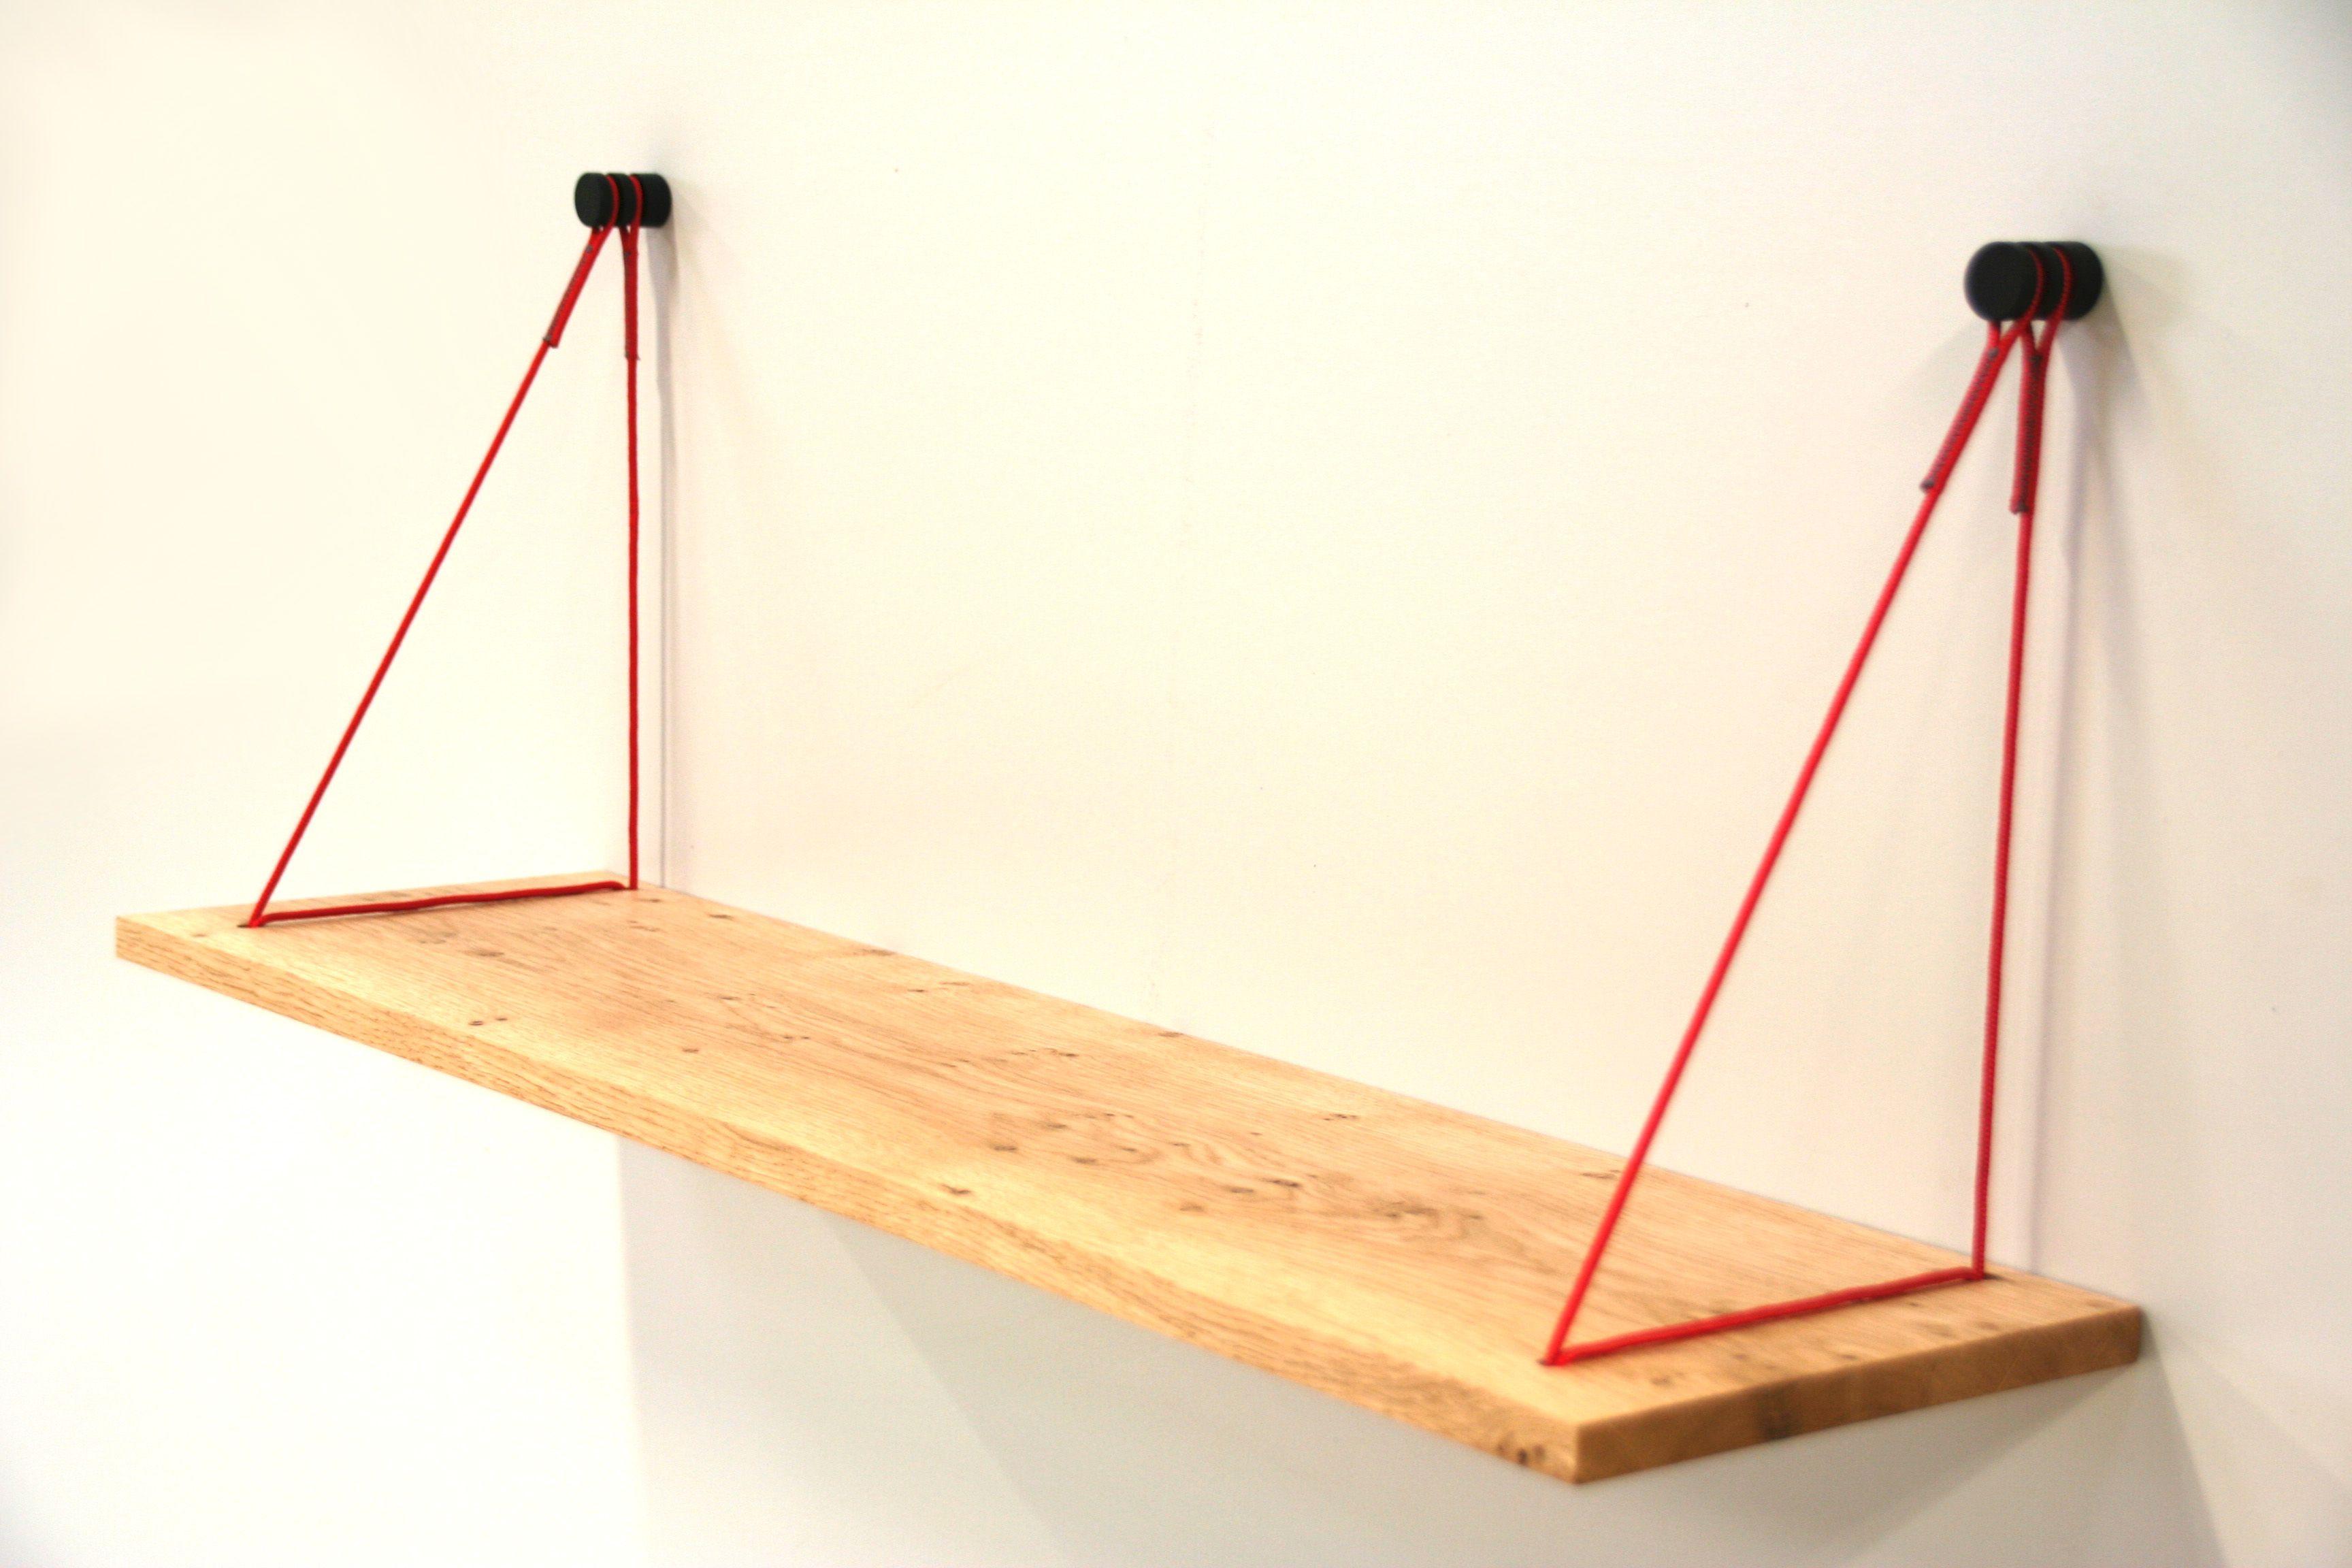 Hangplank sling slank de massief houten wandplanken zijn